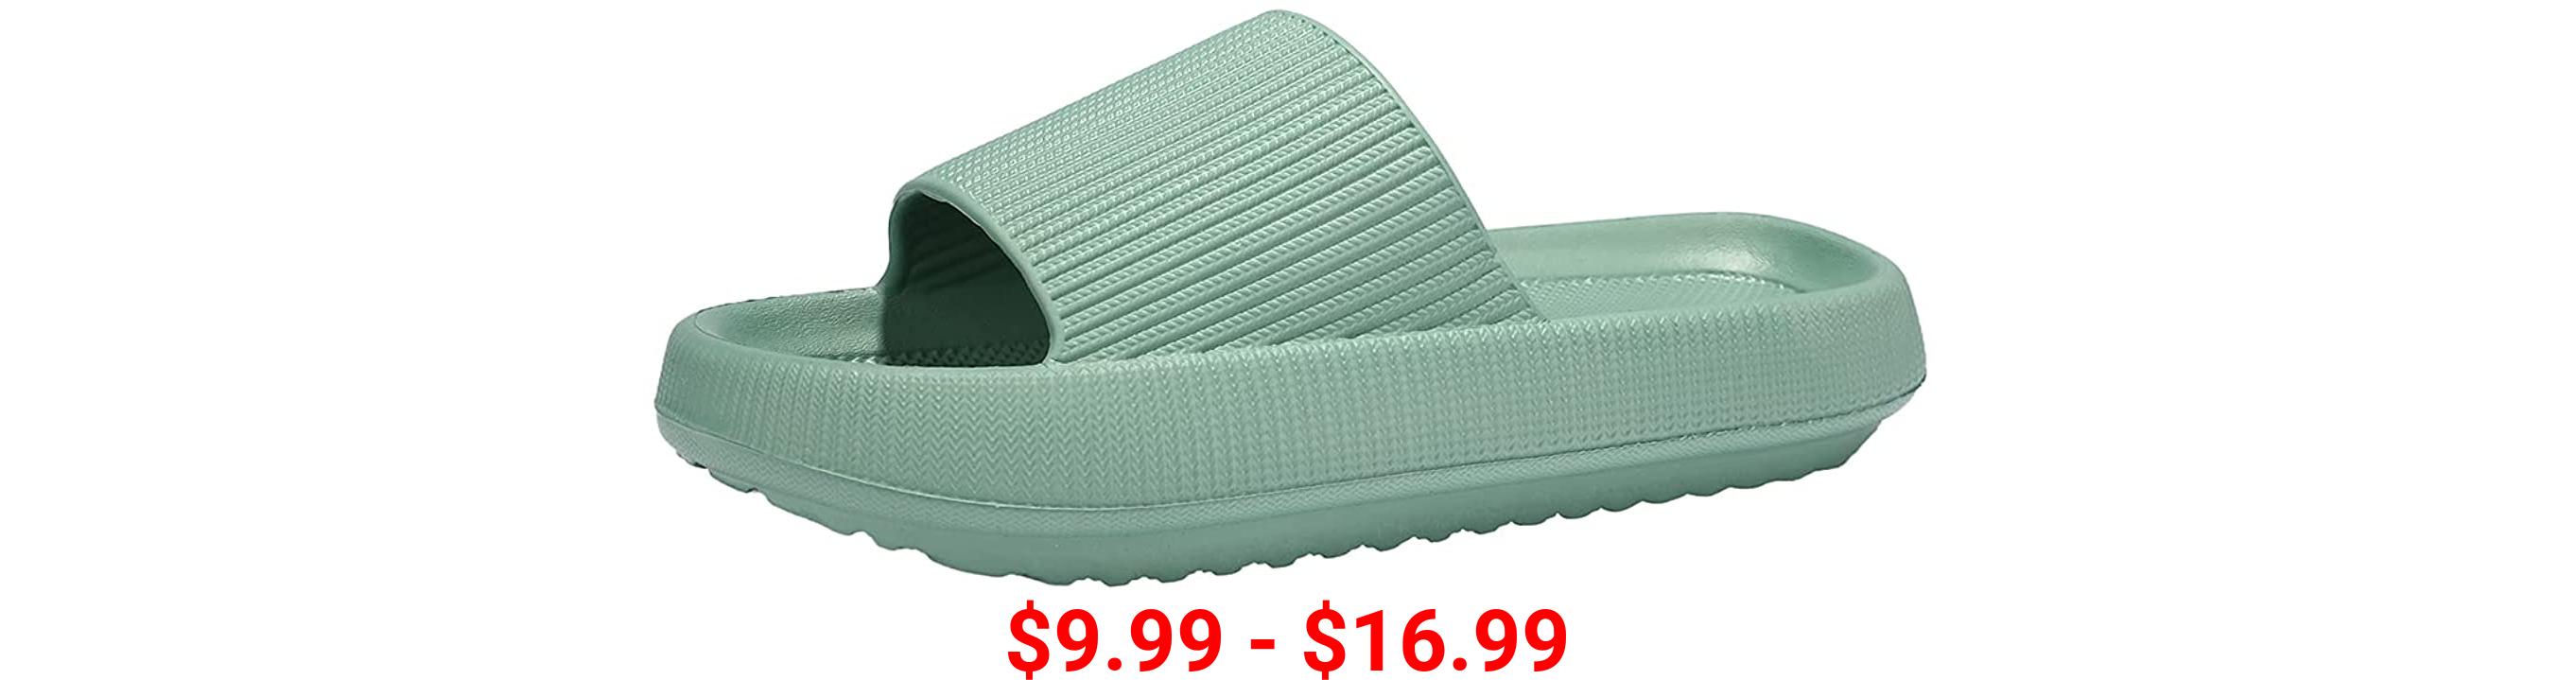 Deevike Slippers for Women and Men Pillow Slides Women Shower Bathroom Sandals Soft Non Slip House Quick Drying Slides